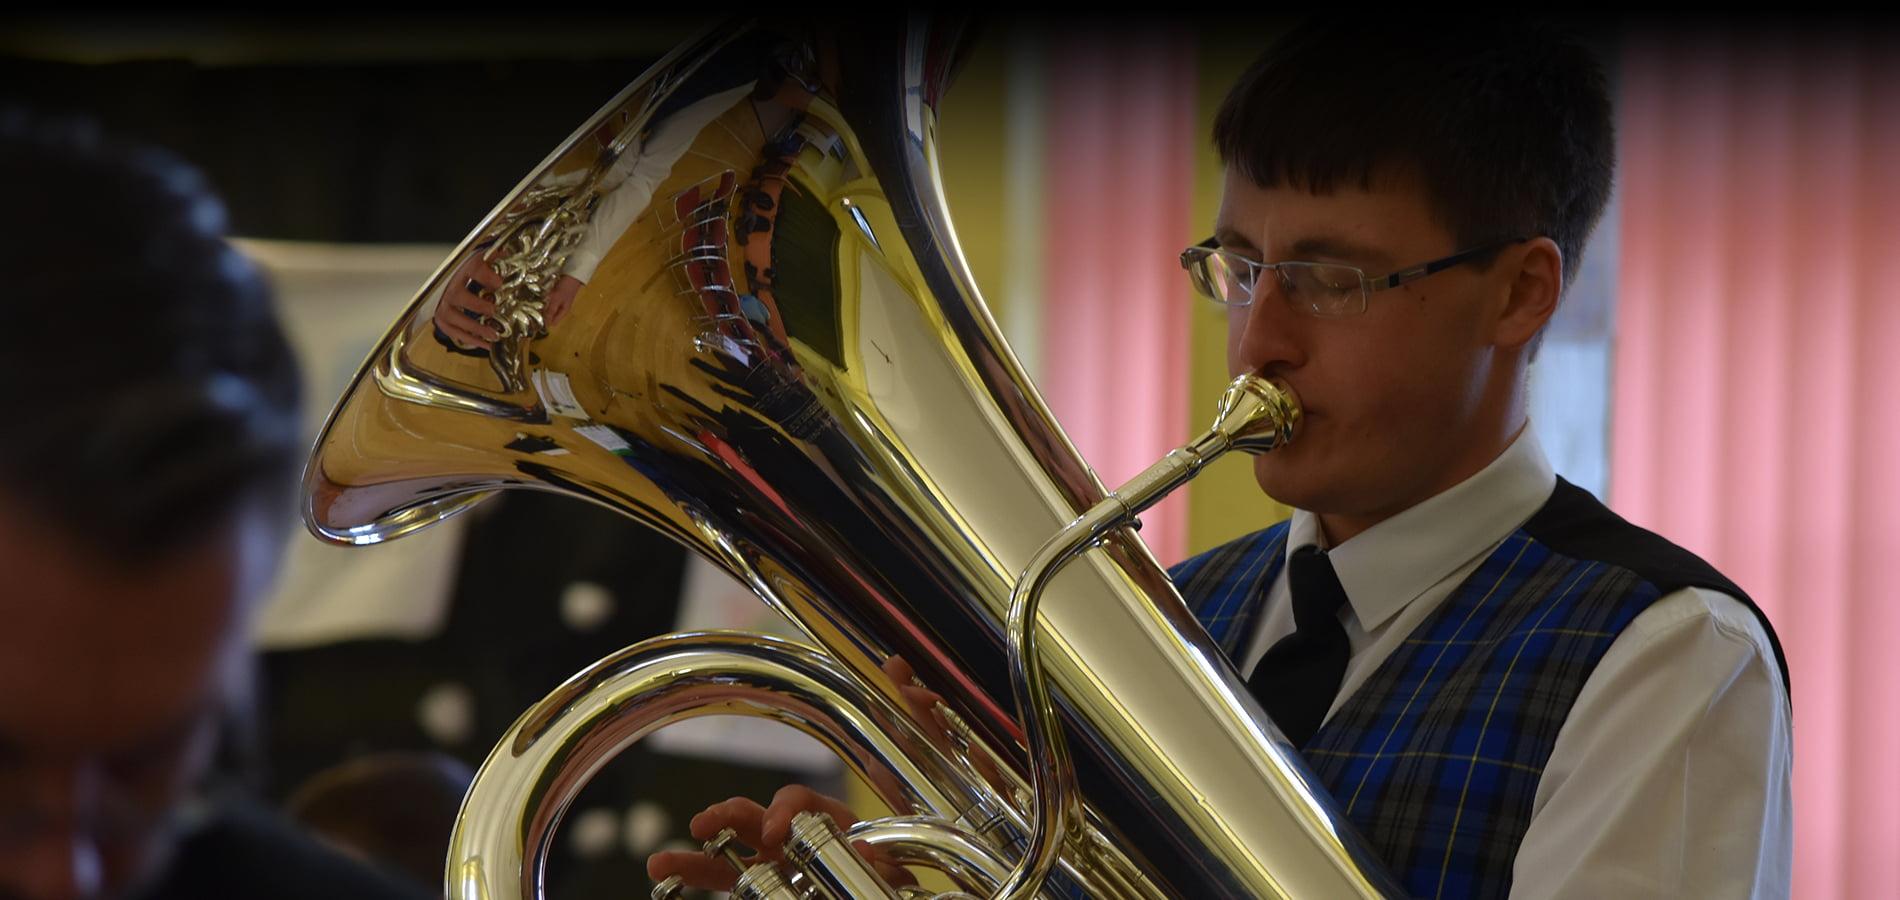 Lanner Brass Academy Bass